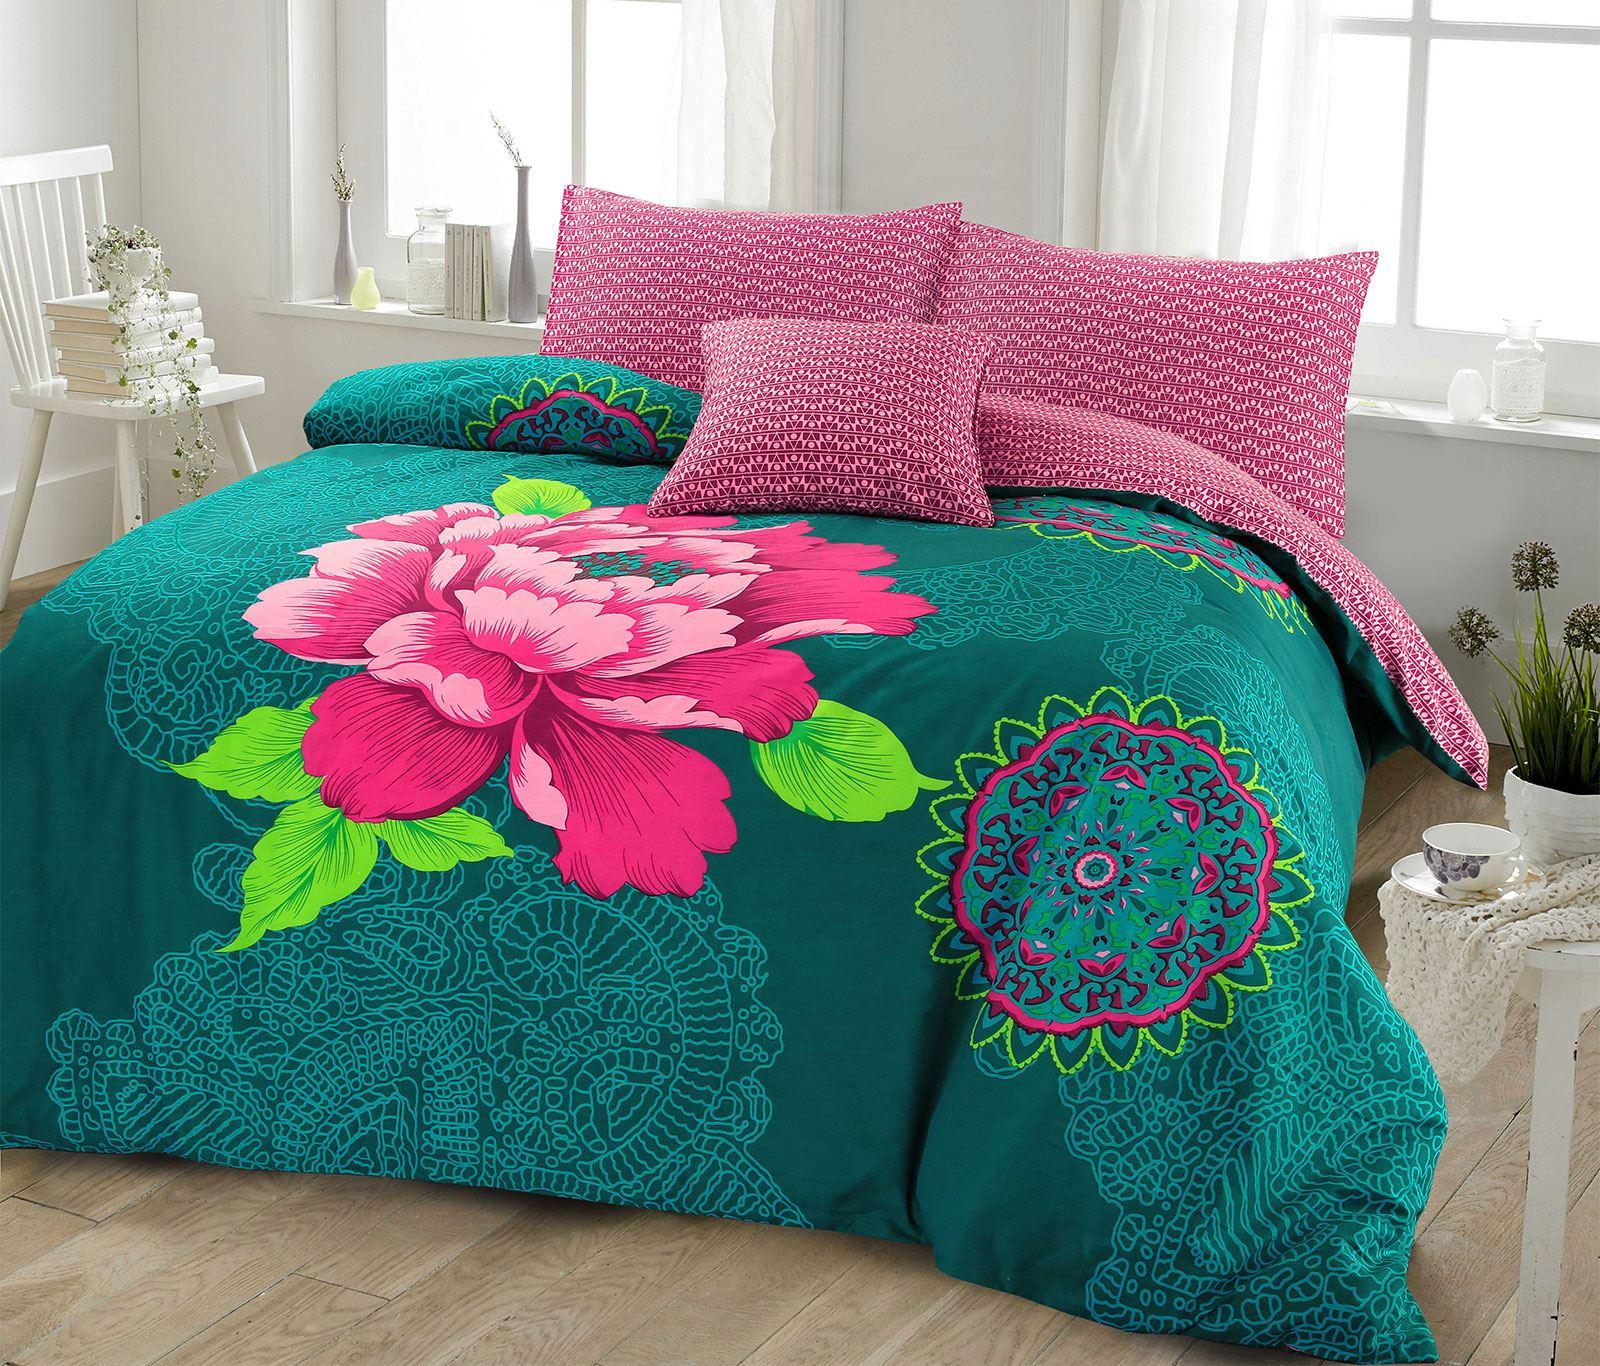 Ropa-de-cama-estampado-floral-bohemio-conjunto-de-edredon-de-funda-nordica-individual-Doble-King miniatura 9